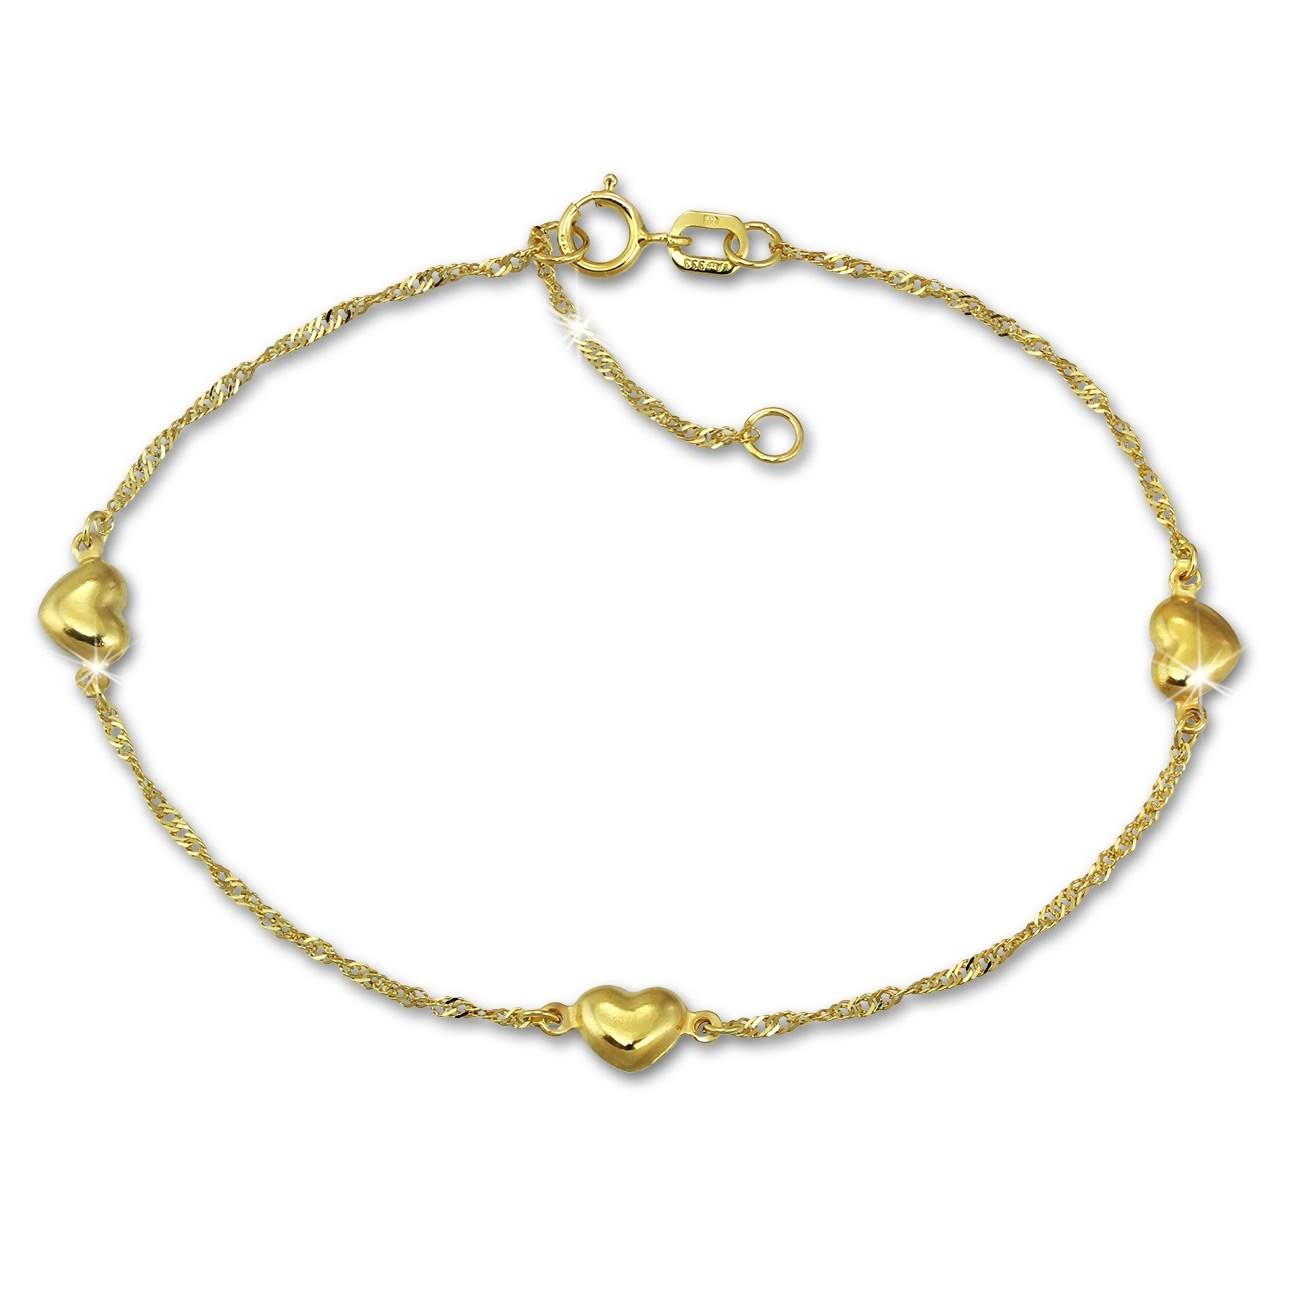 SilberDream Armband Singapur Herz diamantiert 333 Gold 19cm 8 Karat GDA0309Y